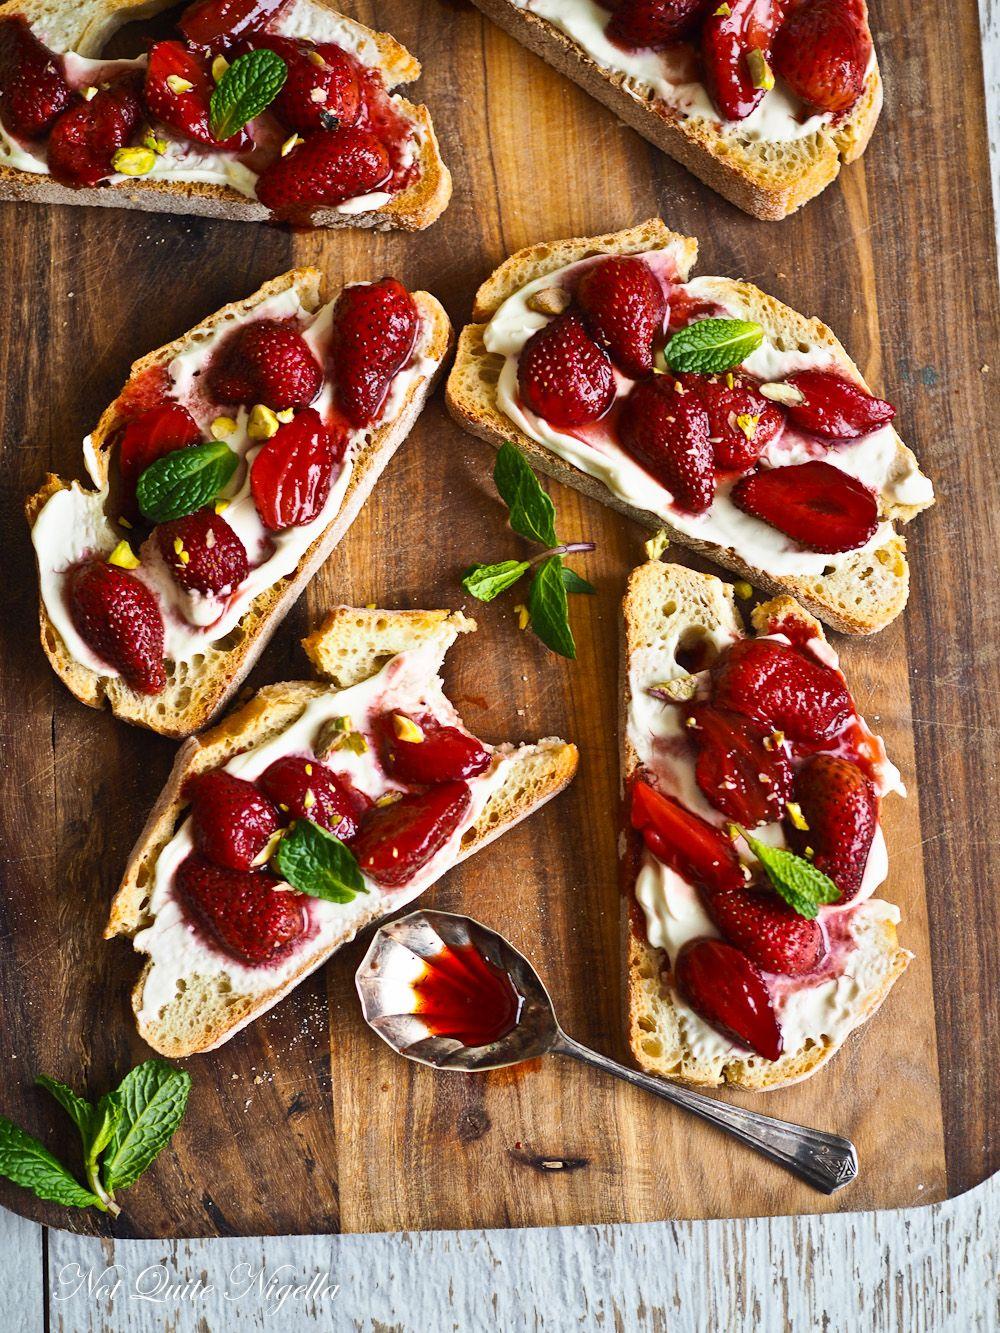 Brunchtime Roasted Strawberry Breakfast Bruschetta Recipe Strawberry Breakfast Roasted Strawberries Sweet Breakfast